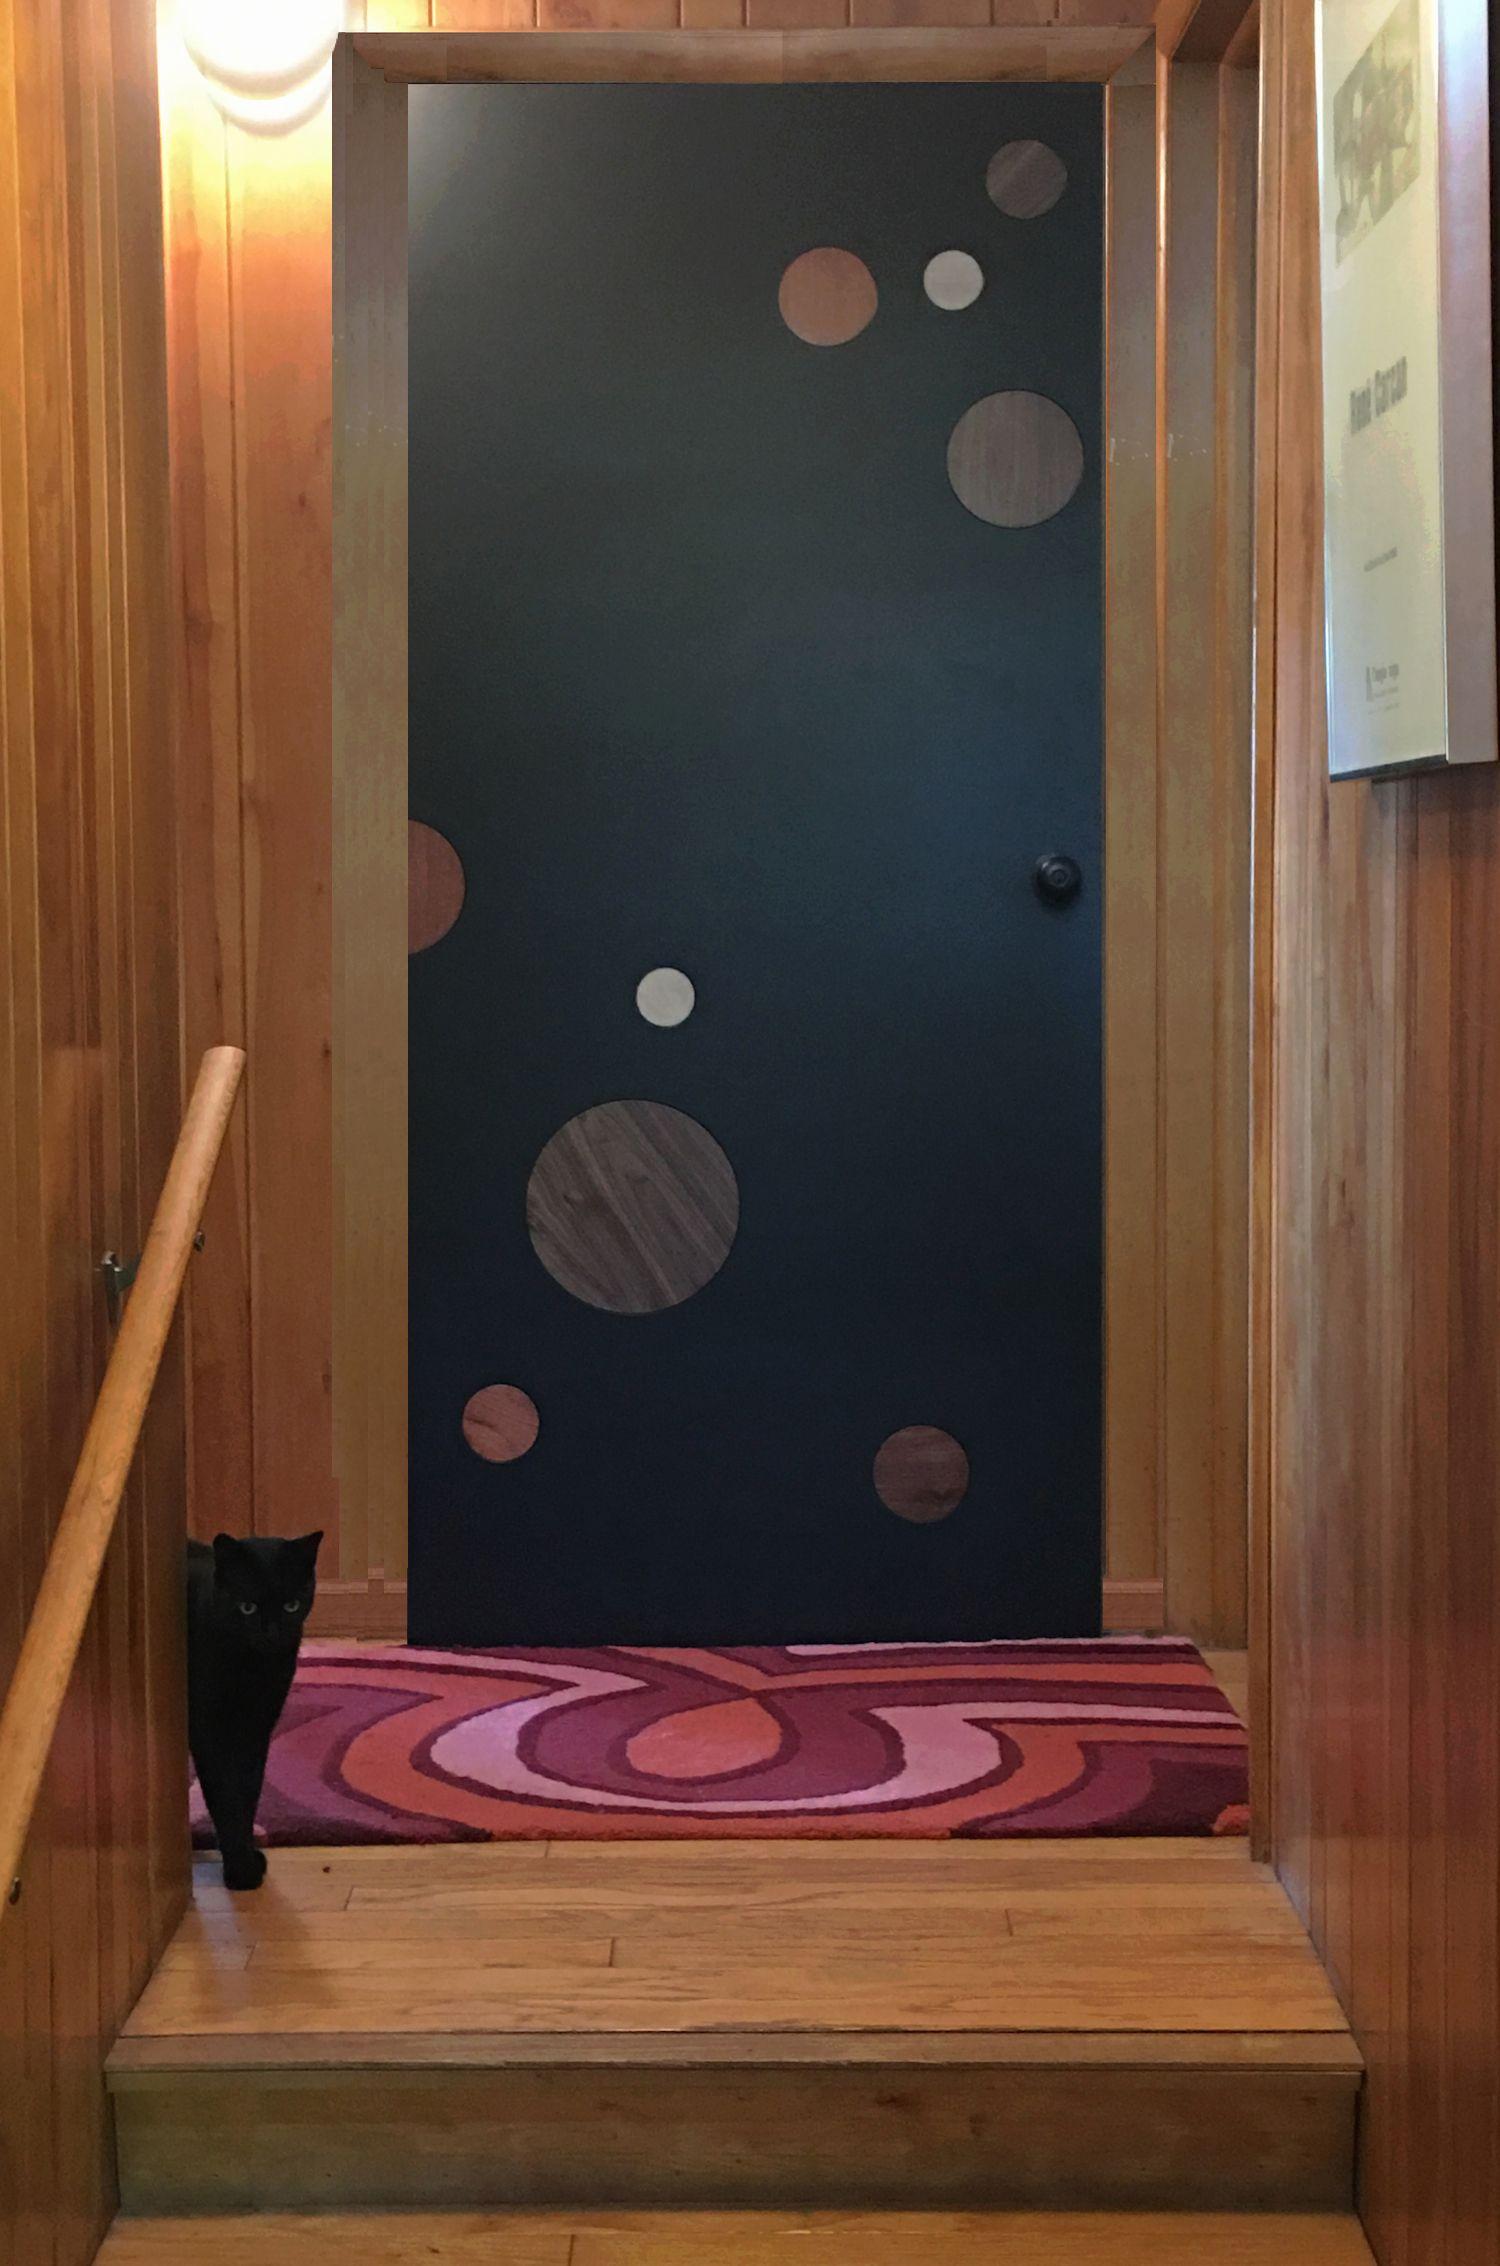 Installing The Constellation Door As An Interior Door In Red Oak